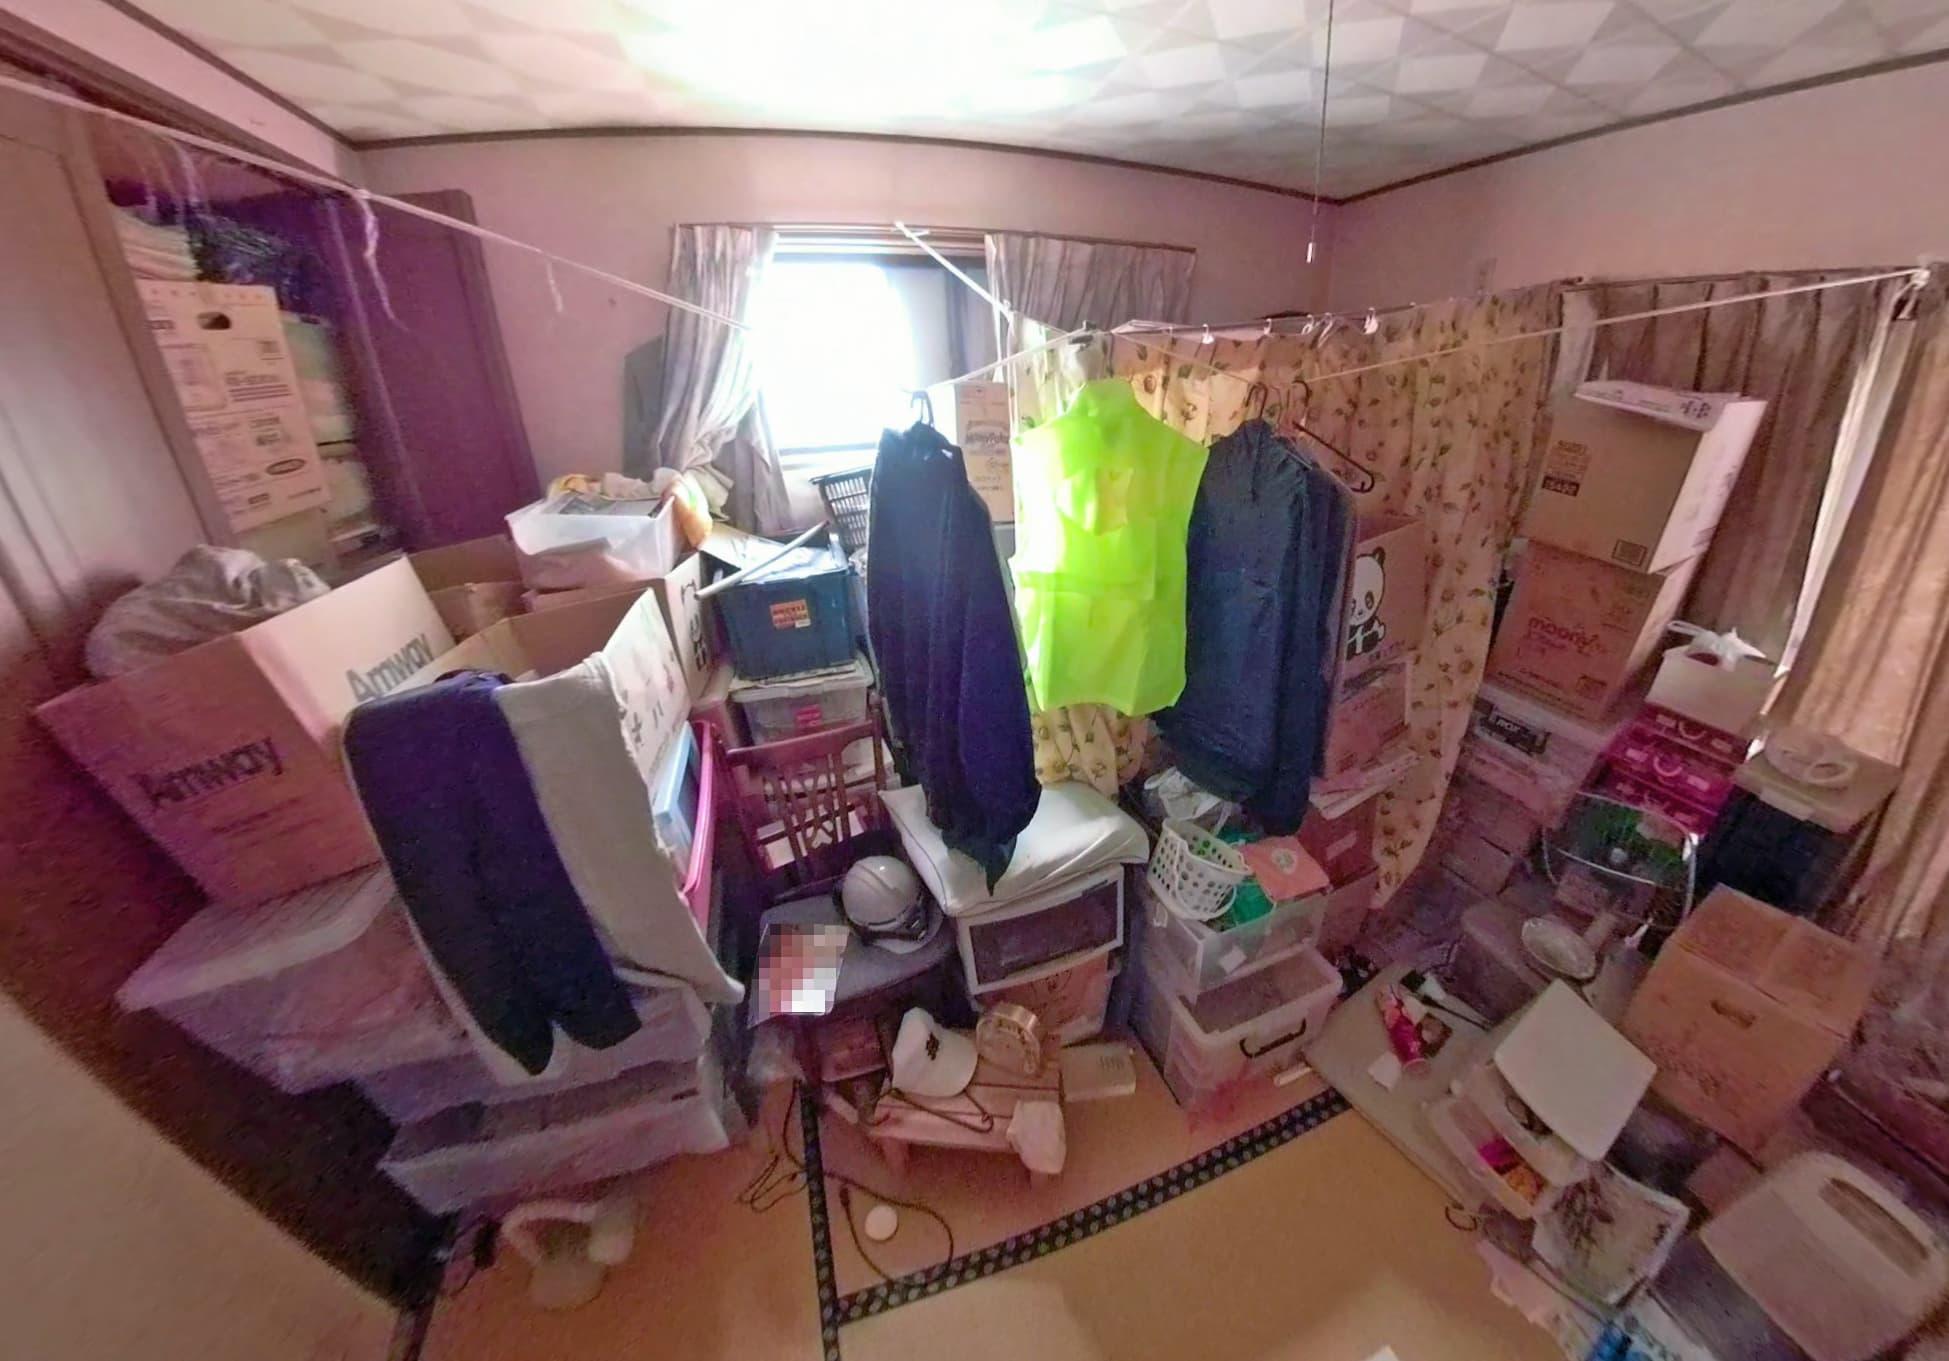 片付け前の2階にあるお部屋の様子